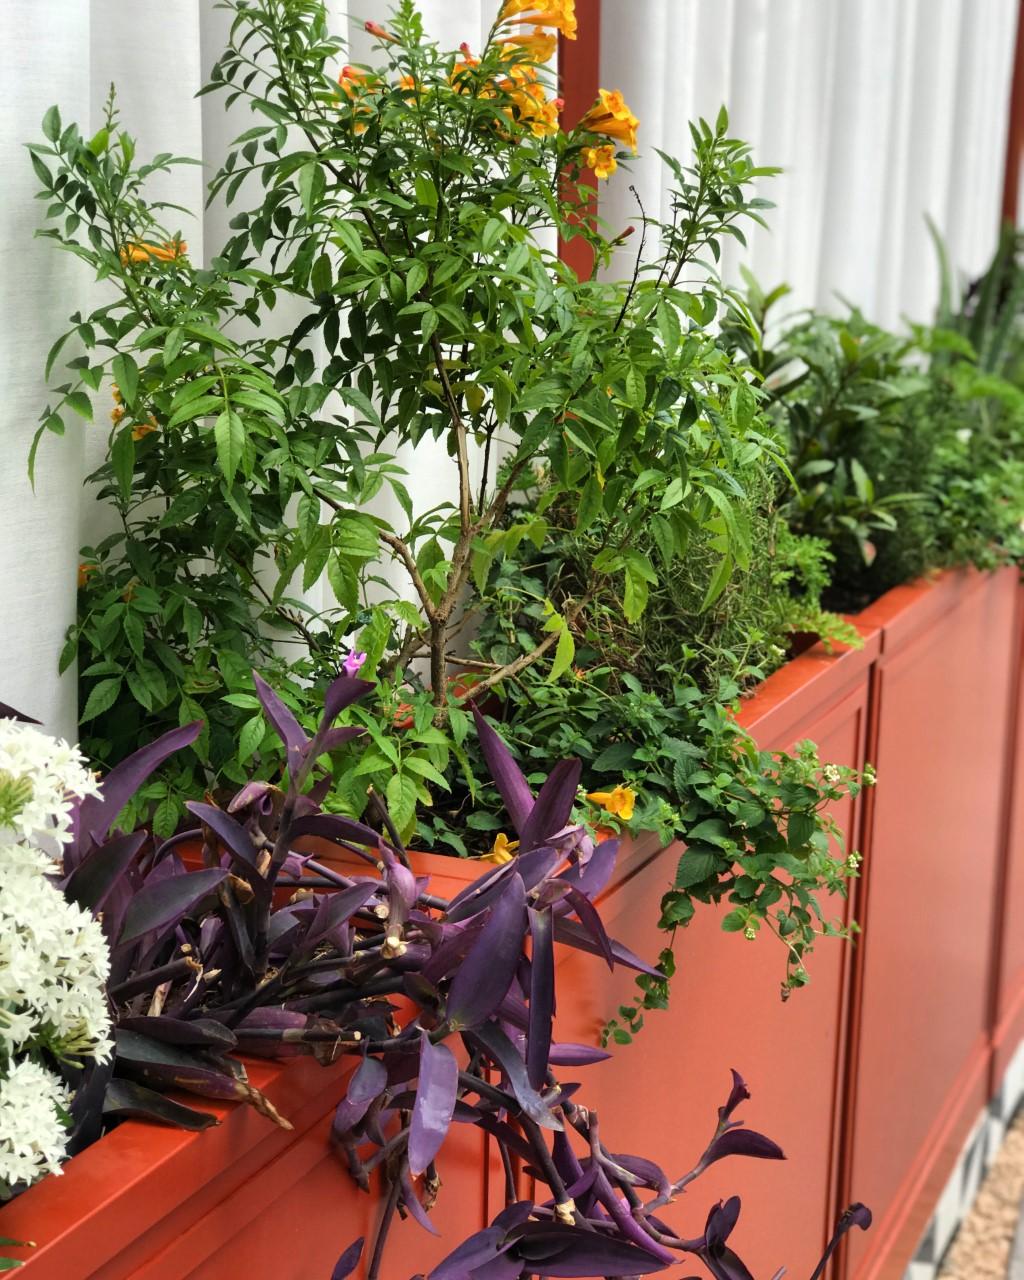 houston landscaping, mediterranean garden, edible garden, spanish garden, houston modern landscaping, houston landscape design, mad houston, spanish restaurant